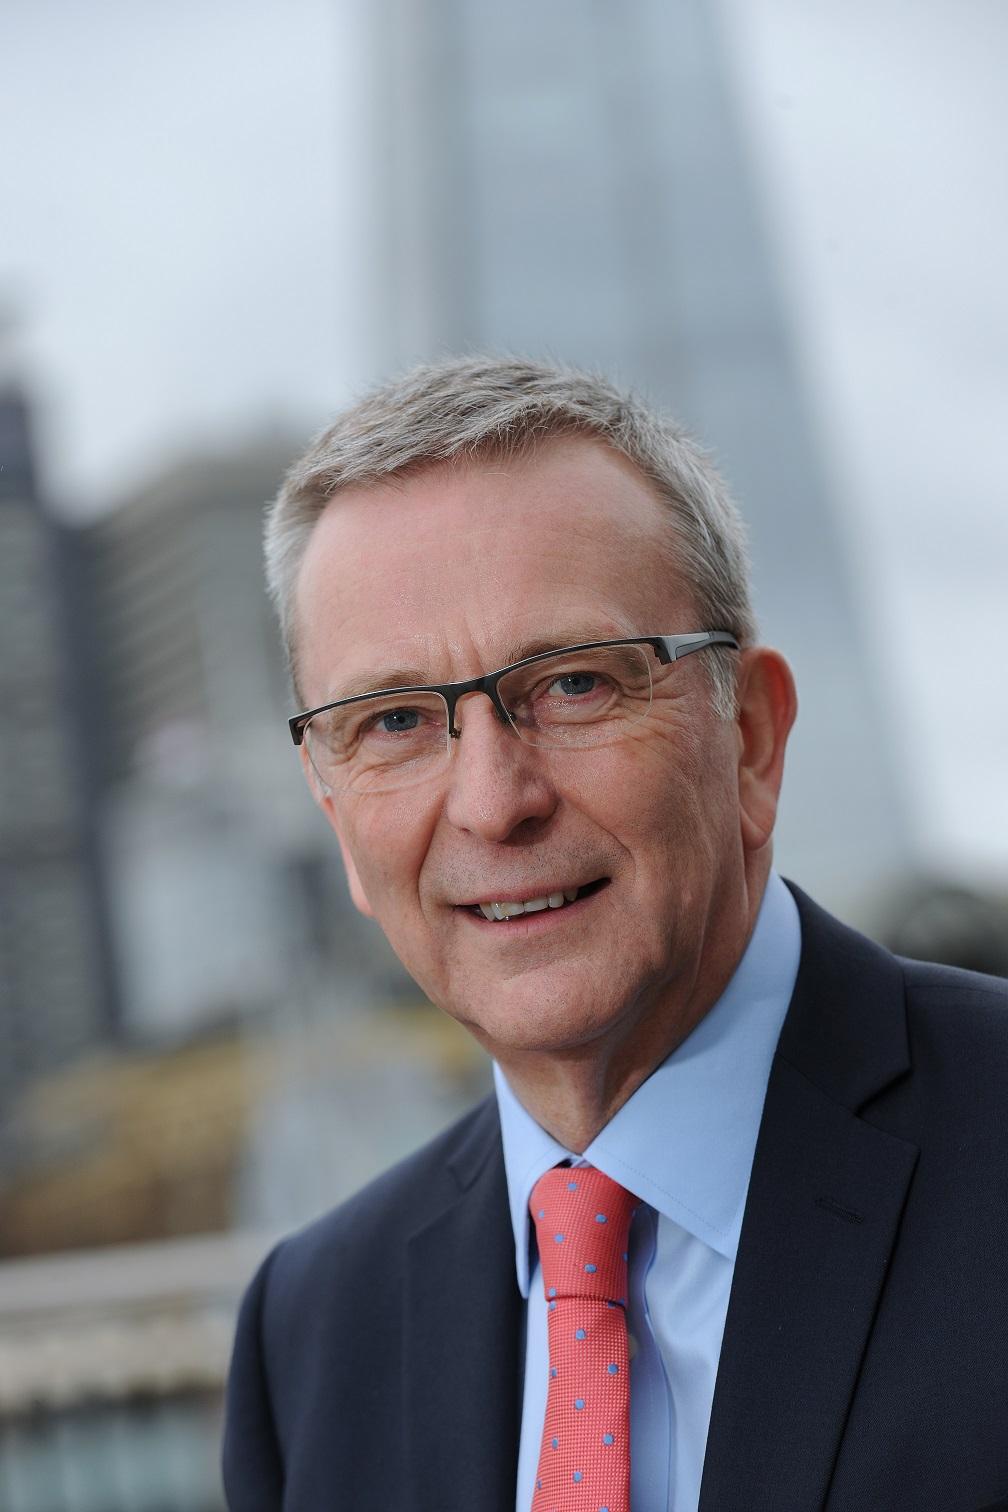 رئيس مجلس أمناء مؤسسة الصحة والسلامة المهنية، بيل غونيون